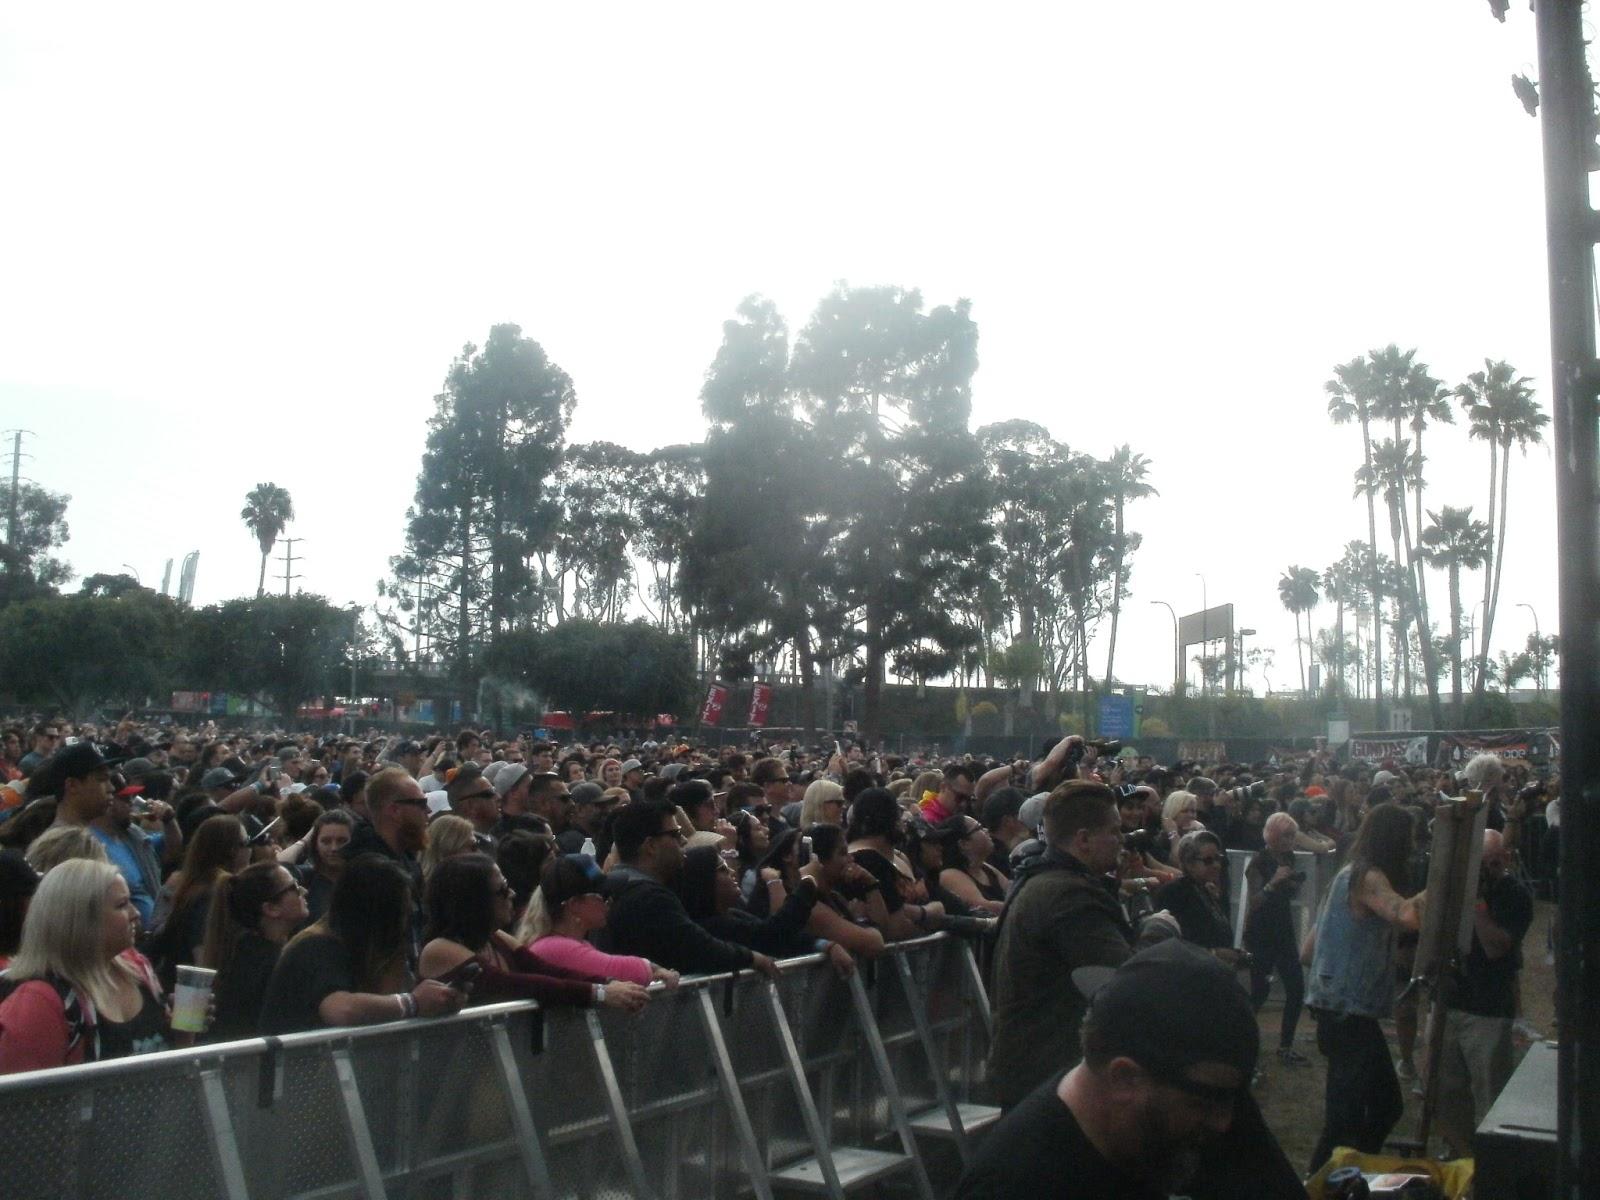 One Love Cali Reggae Queen Mary Long Beach 2 10 11